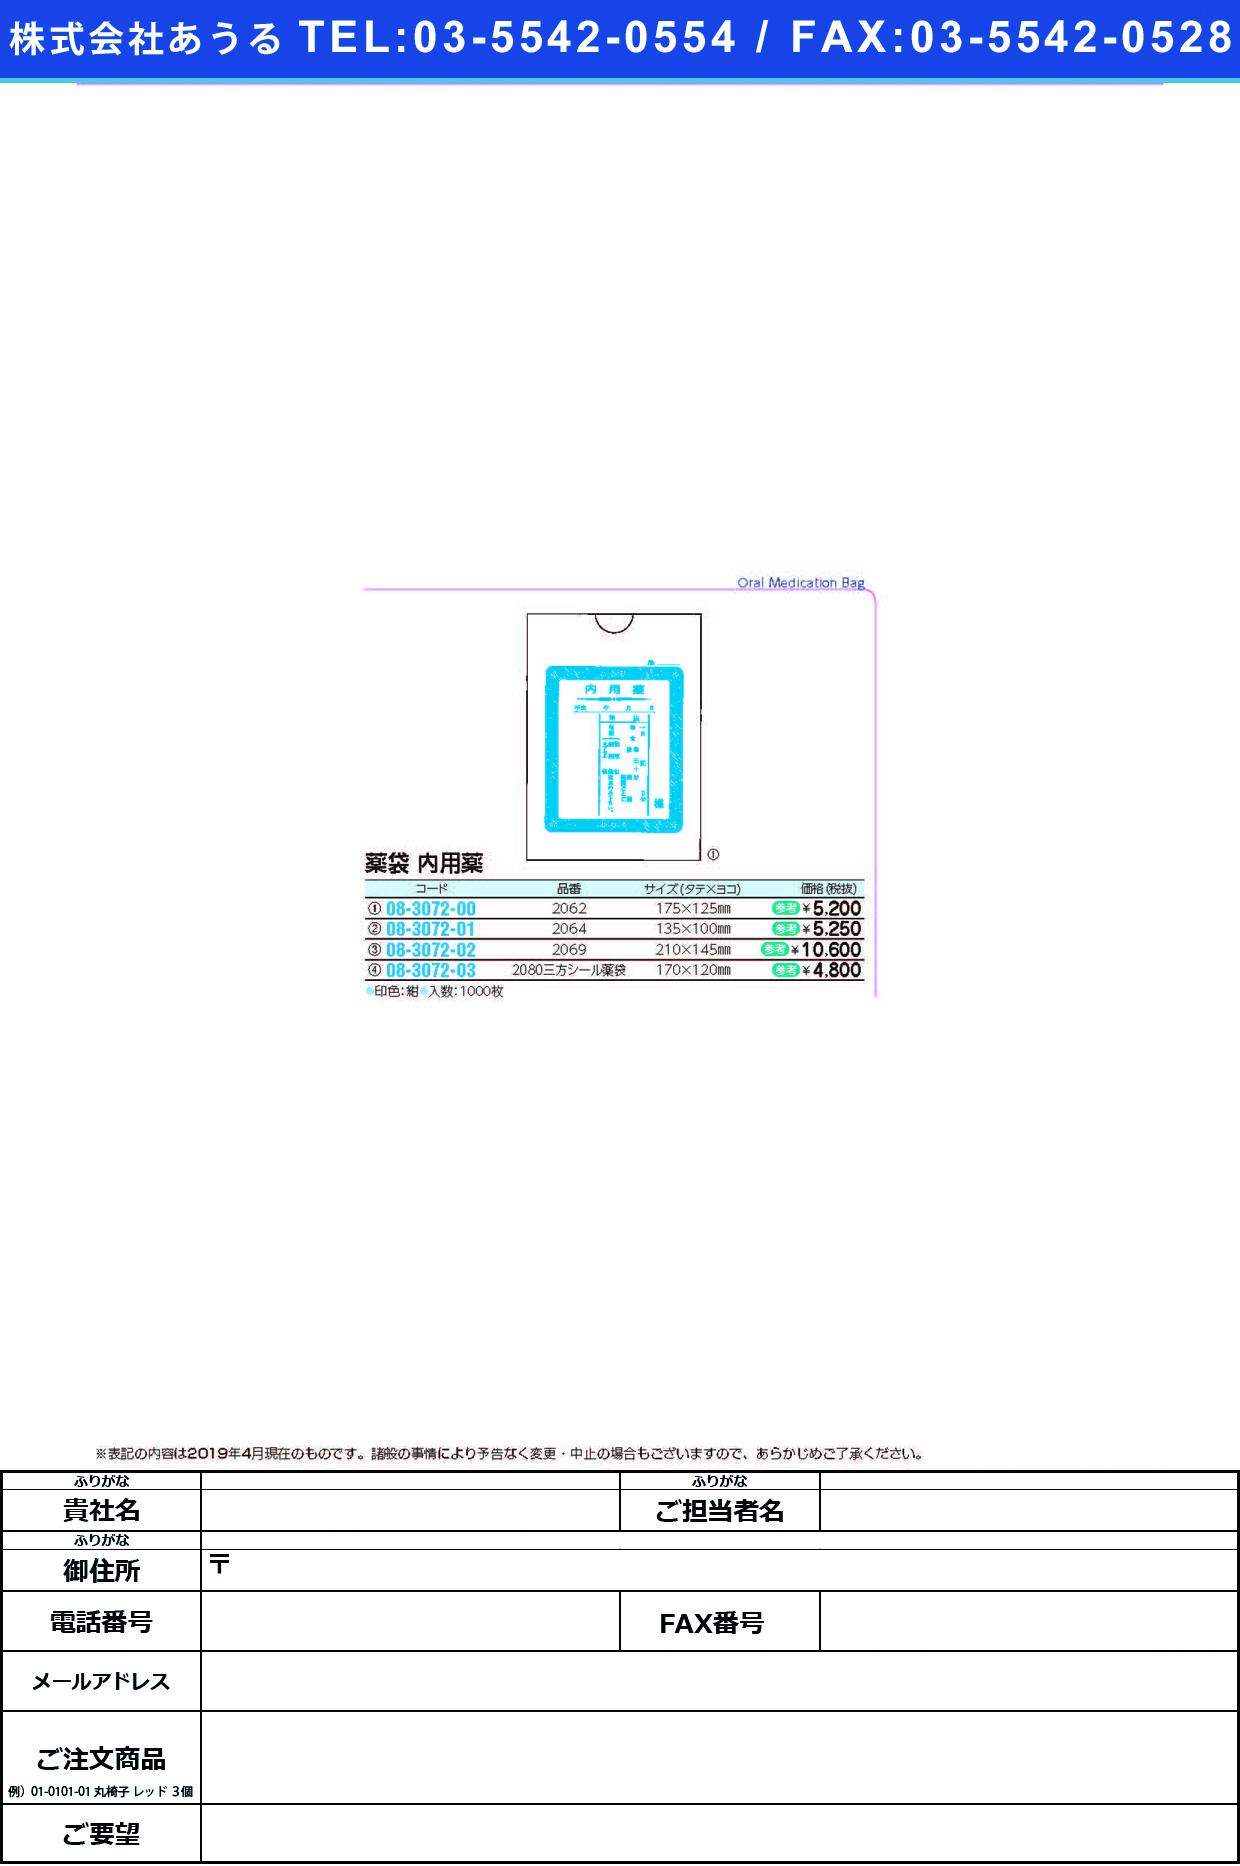 内用薬袋(タテ) 2080(170X120)1000マイ ナイヨウヤクタイ(タテ)